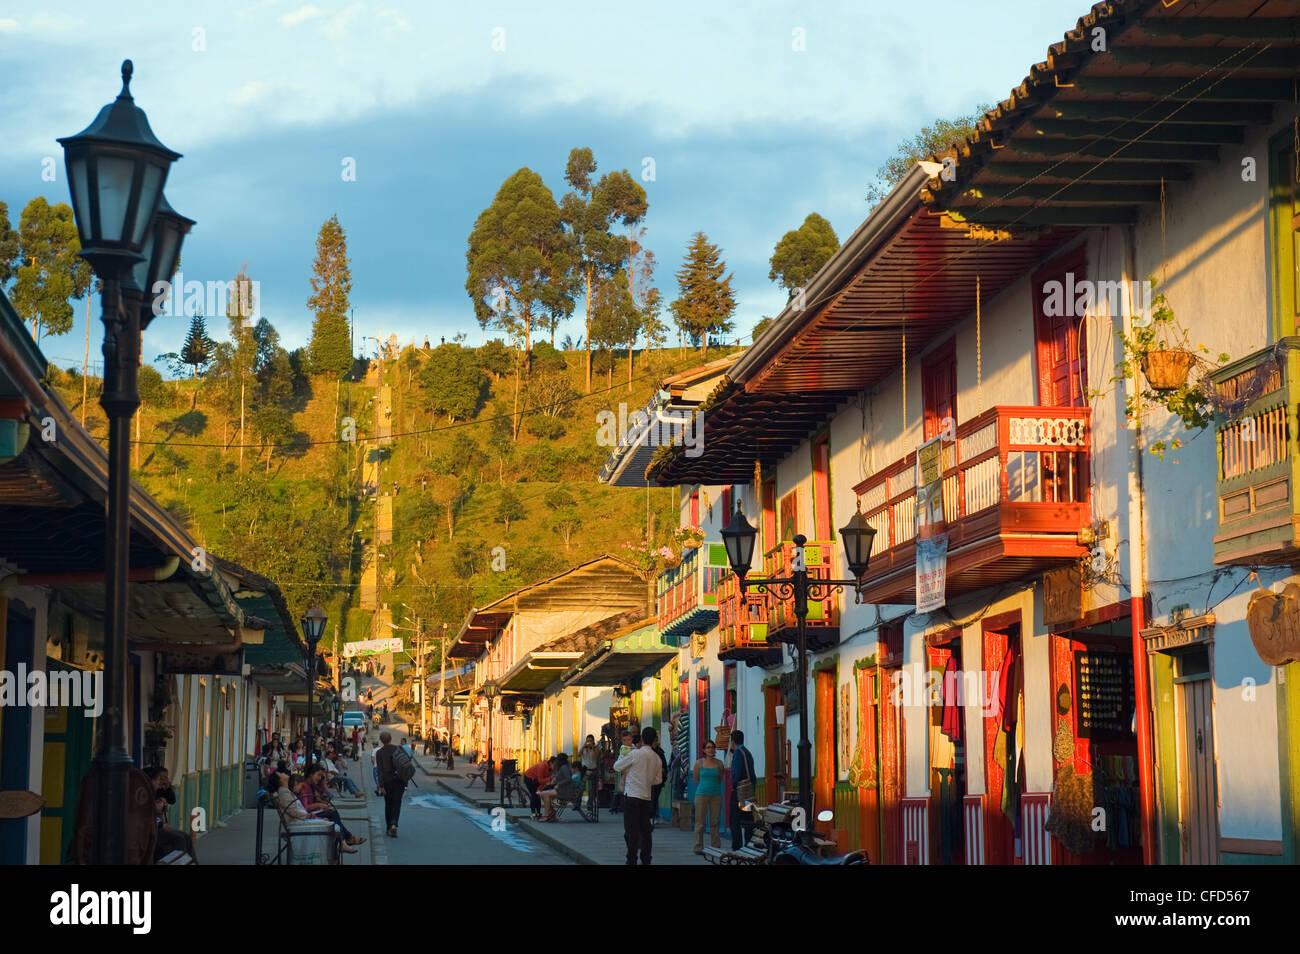 Casas coloridas, Salento, Colombia, Sur America Imagen De Stock